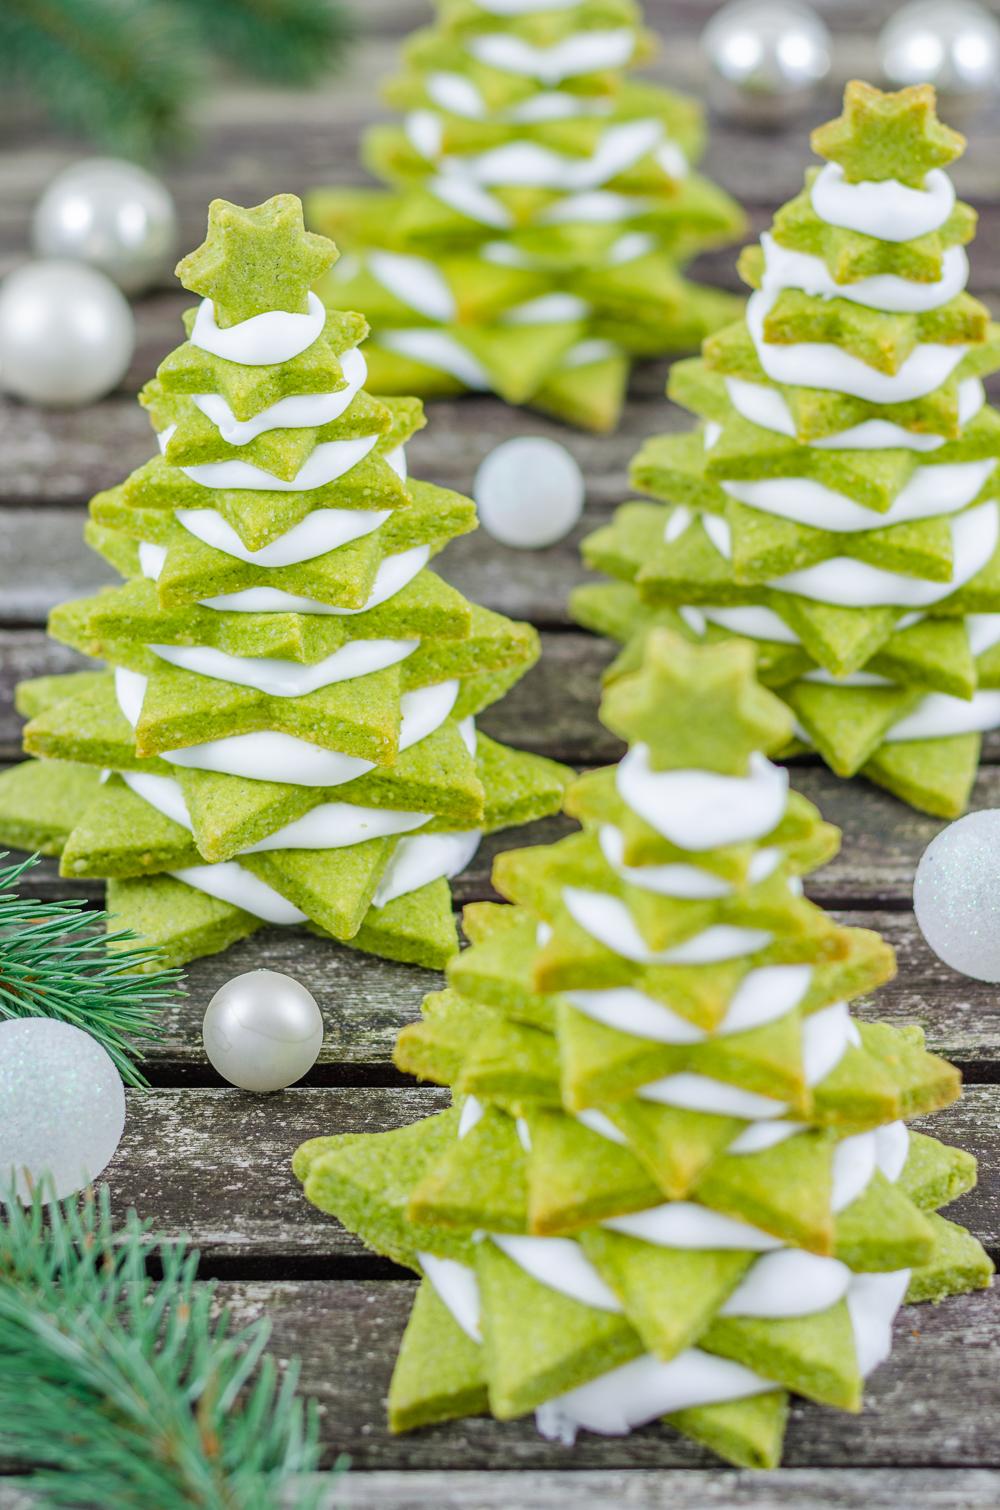 Tannenbaum Aus Plätzchen.Food Blogger Adventskalender Matcha Plätzchen Tannenbäume Plus